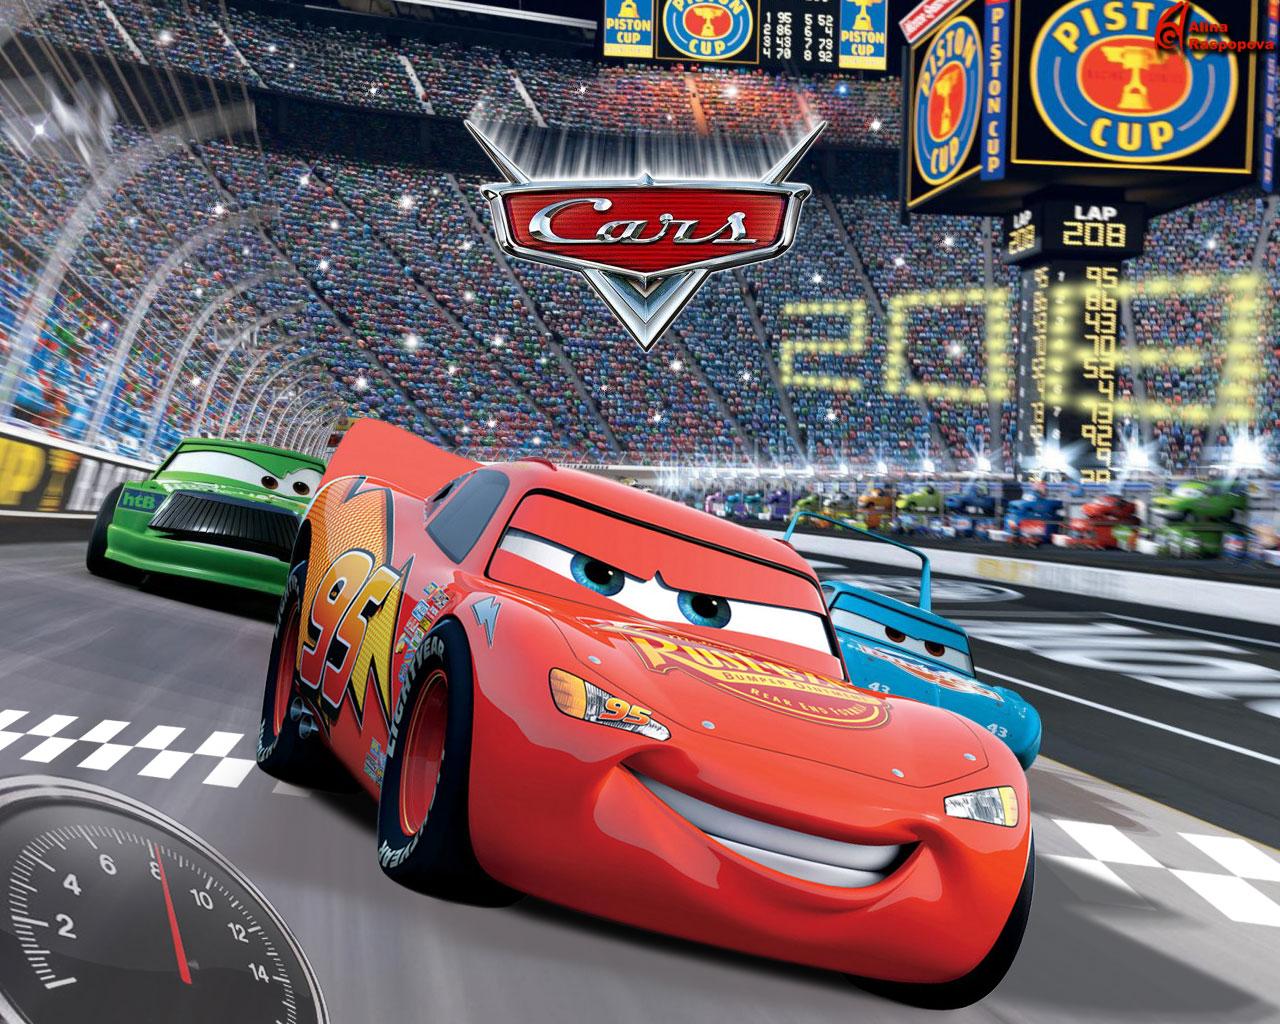 'Cars 2' consigue una de las mejores recaudaciones